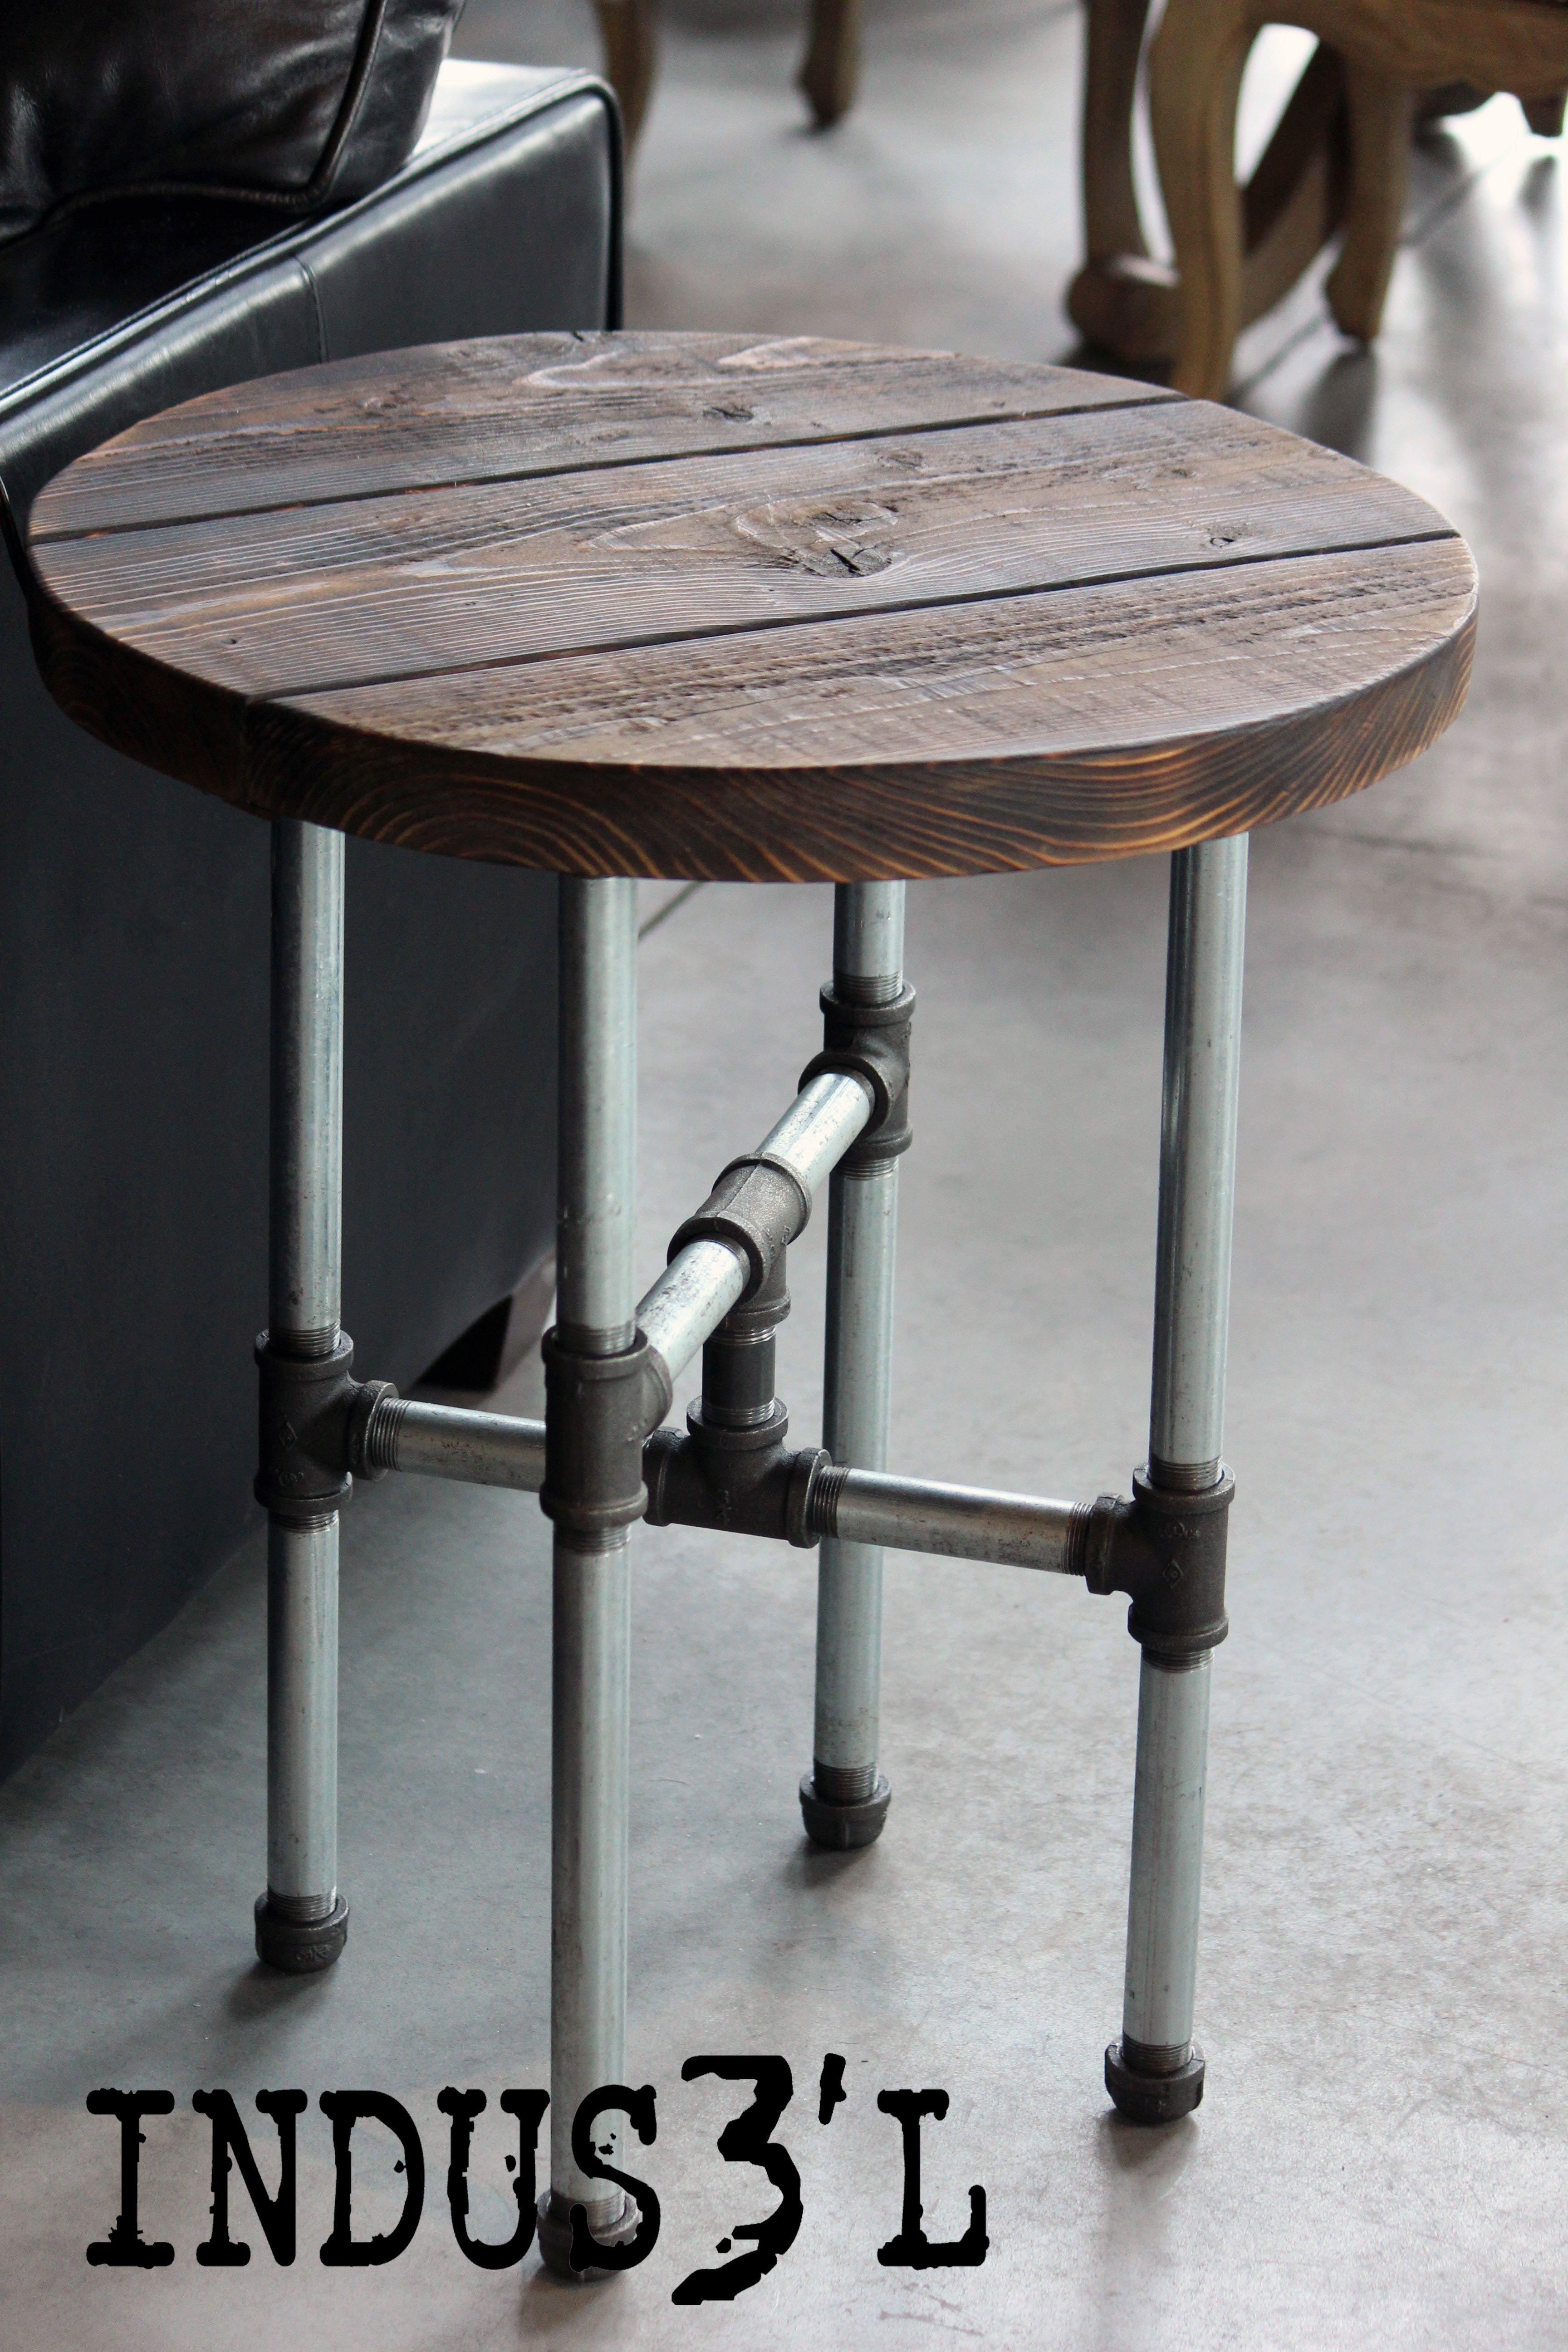 Table d appoint sur mesure Création La Shop de Design s